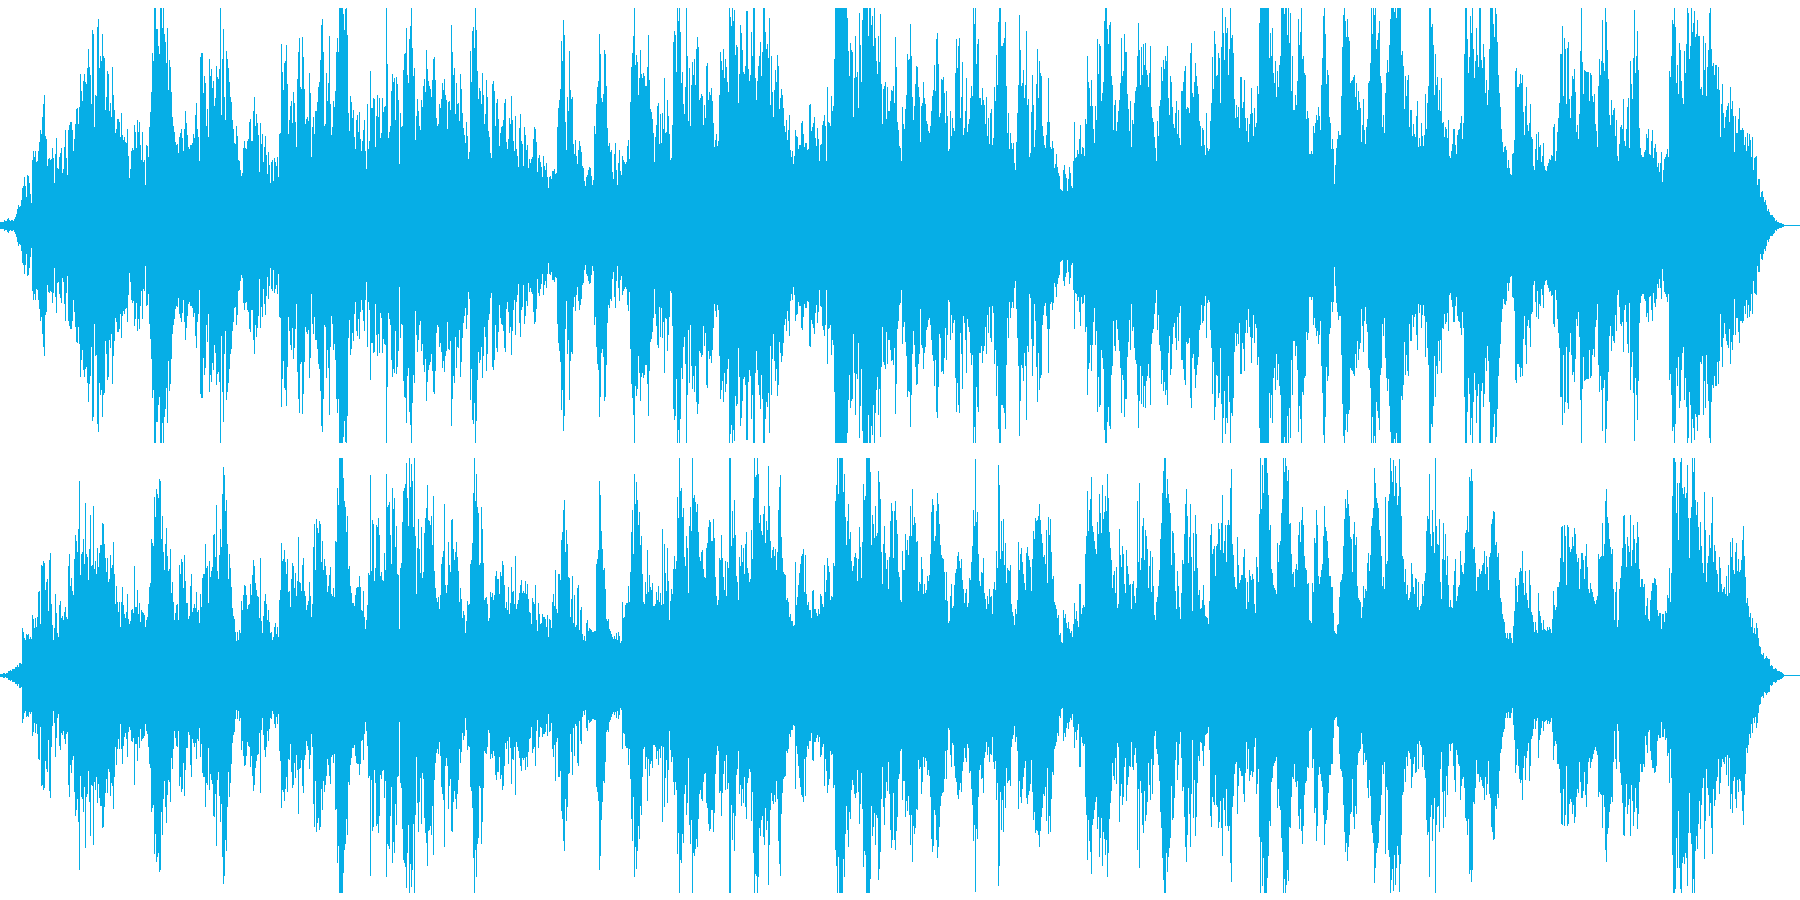 大自然・宇宙 壮大なヒーリング系BGMの再生済みの波形